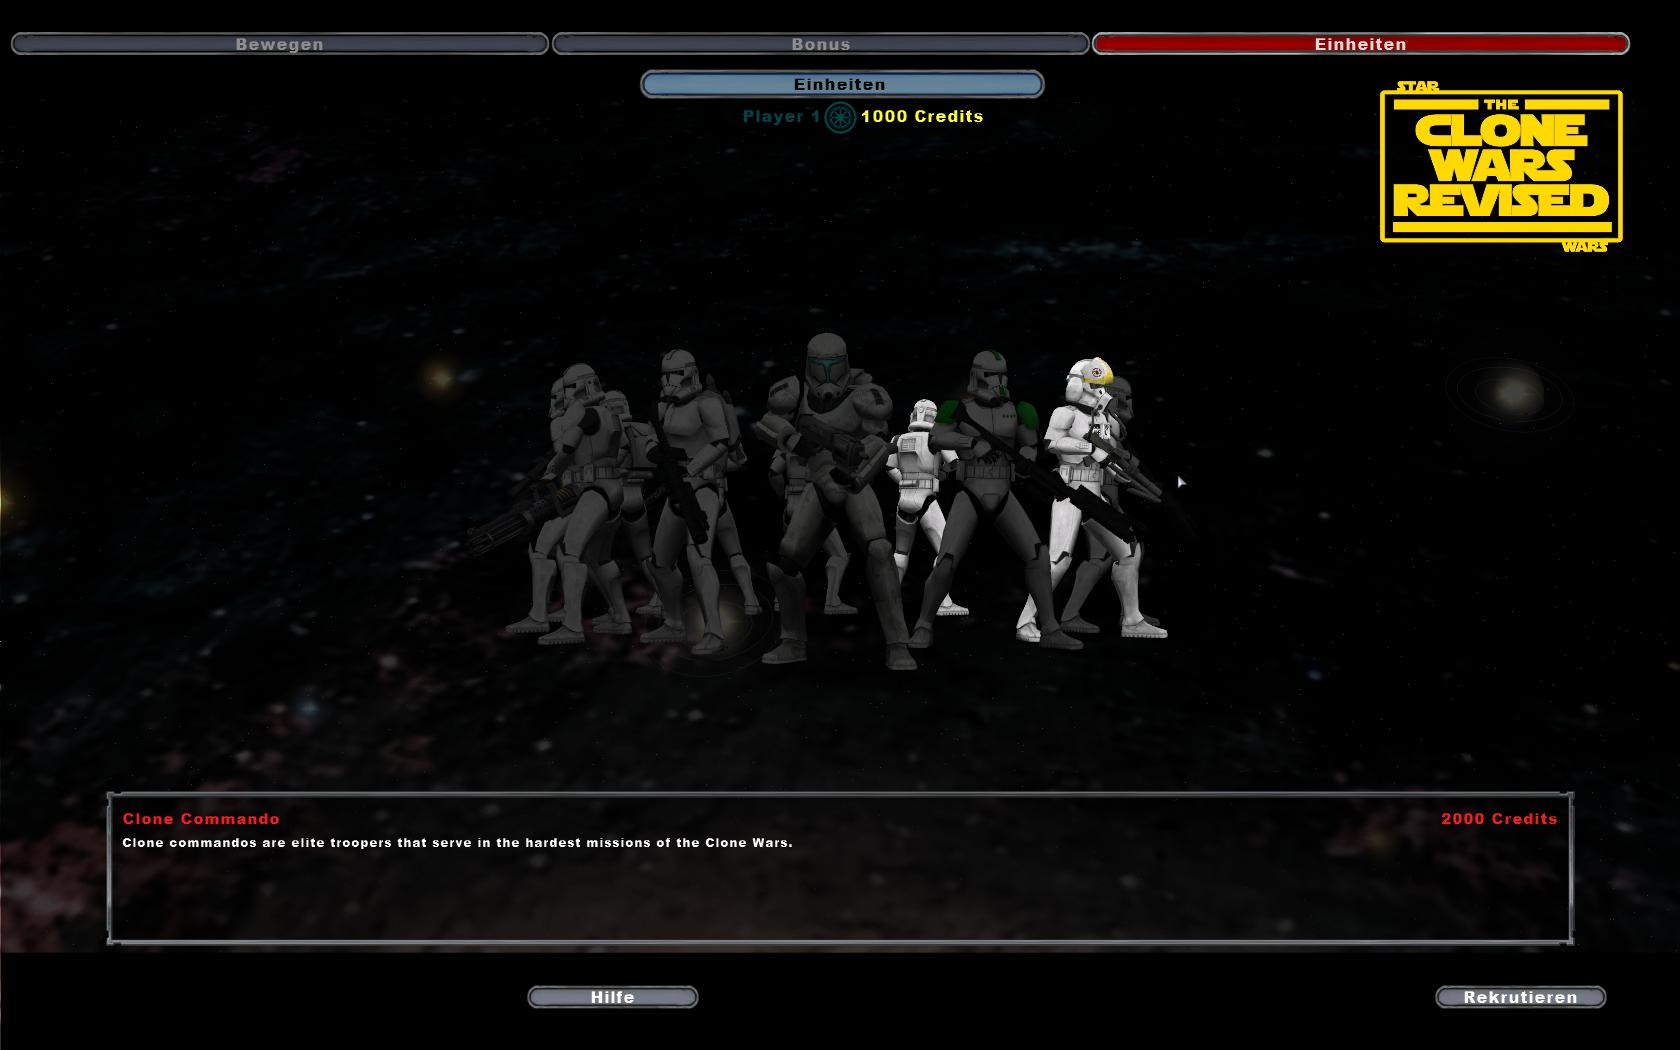 Clone Commando in GC